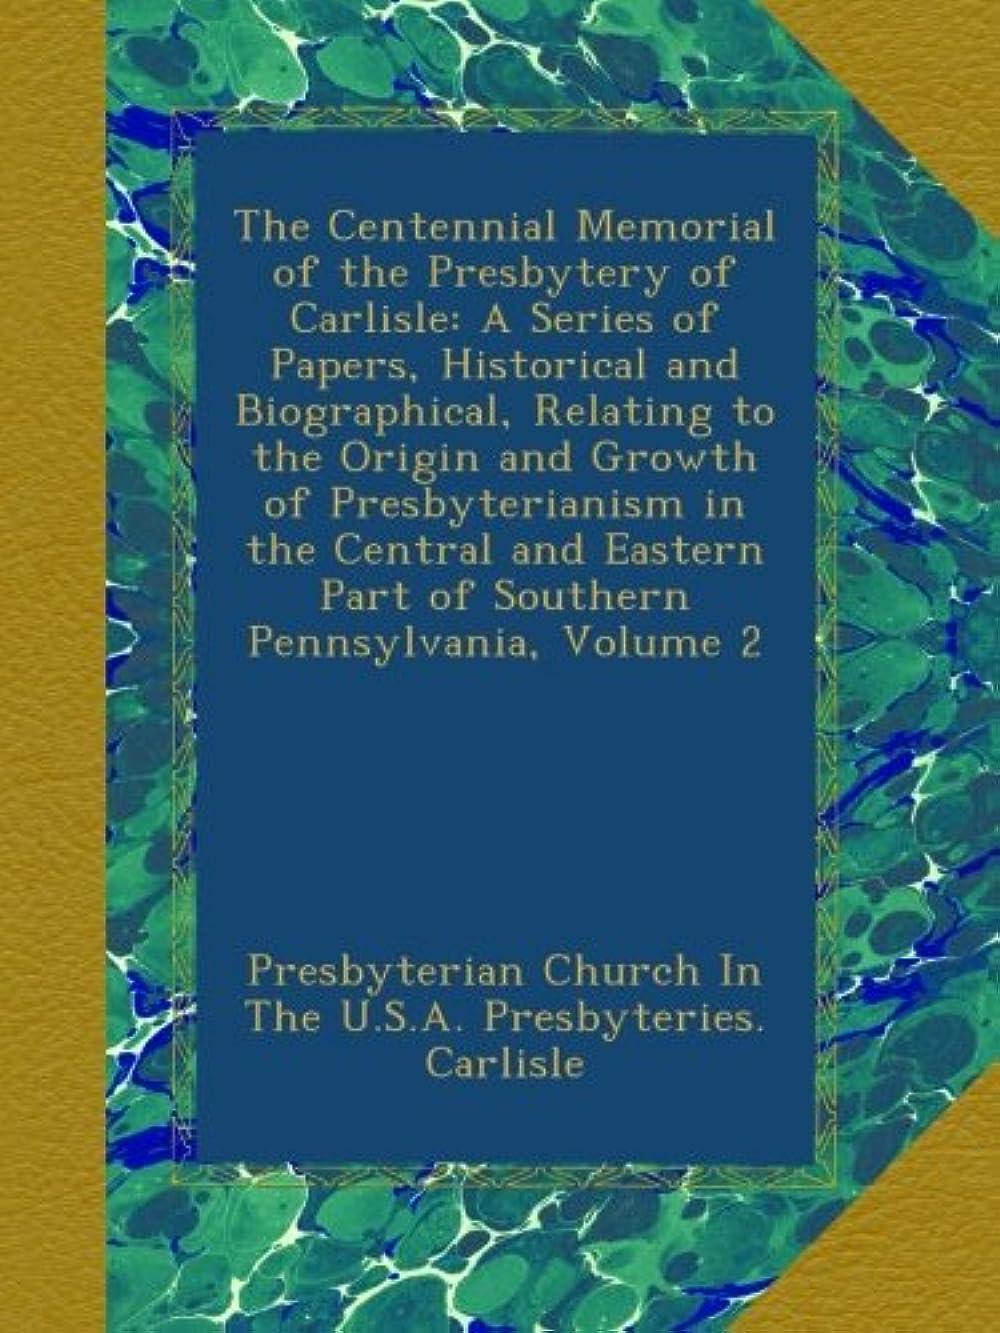 恥真実排泄物The Centennial Memorial of the Presbytery of Carlisle: A Series of Papers, Historical and Biographical, Relating to the Origin and Growth of Presbyterianism in the Central and Eastern Part of Southern Pennsylvania, Volume 2